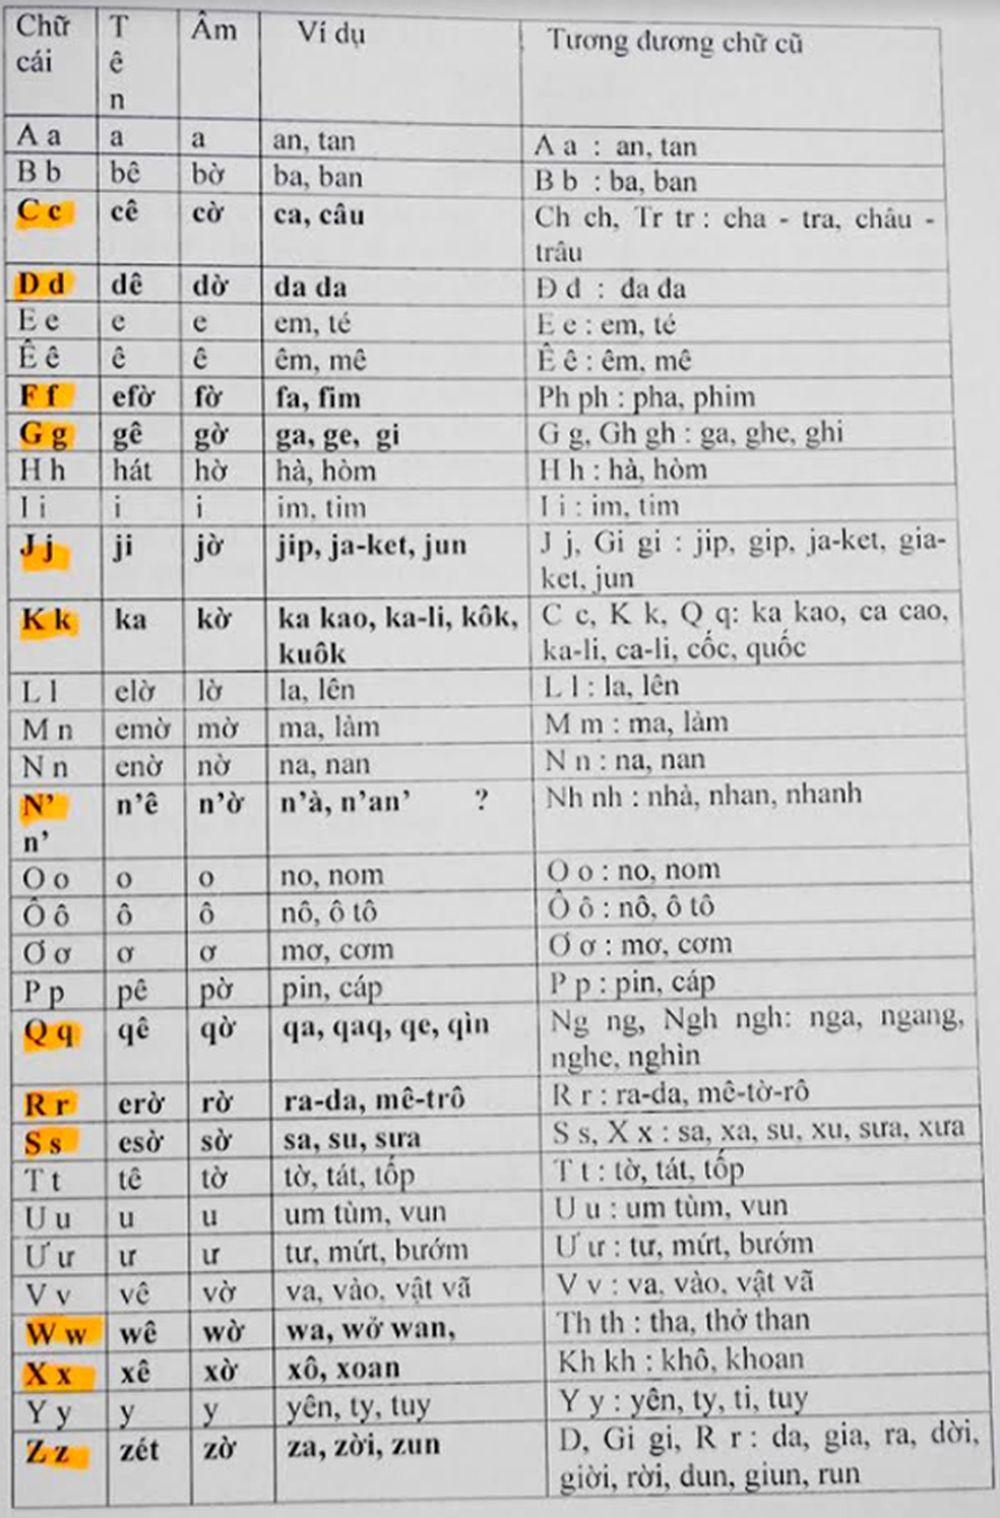 Ý tưởng cải tiến chữ Quốc ngữ đã có từ đầu thế kỷ thứ XX - Tác giả Huyền Thanh 789417cf188ef1d0a89f